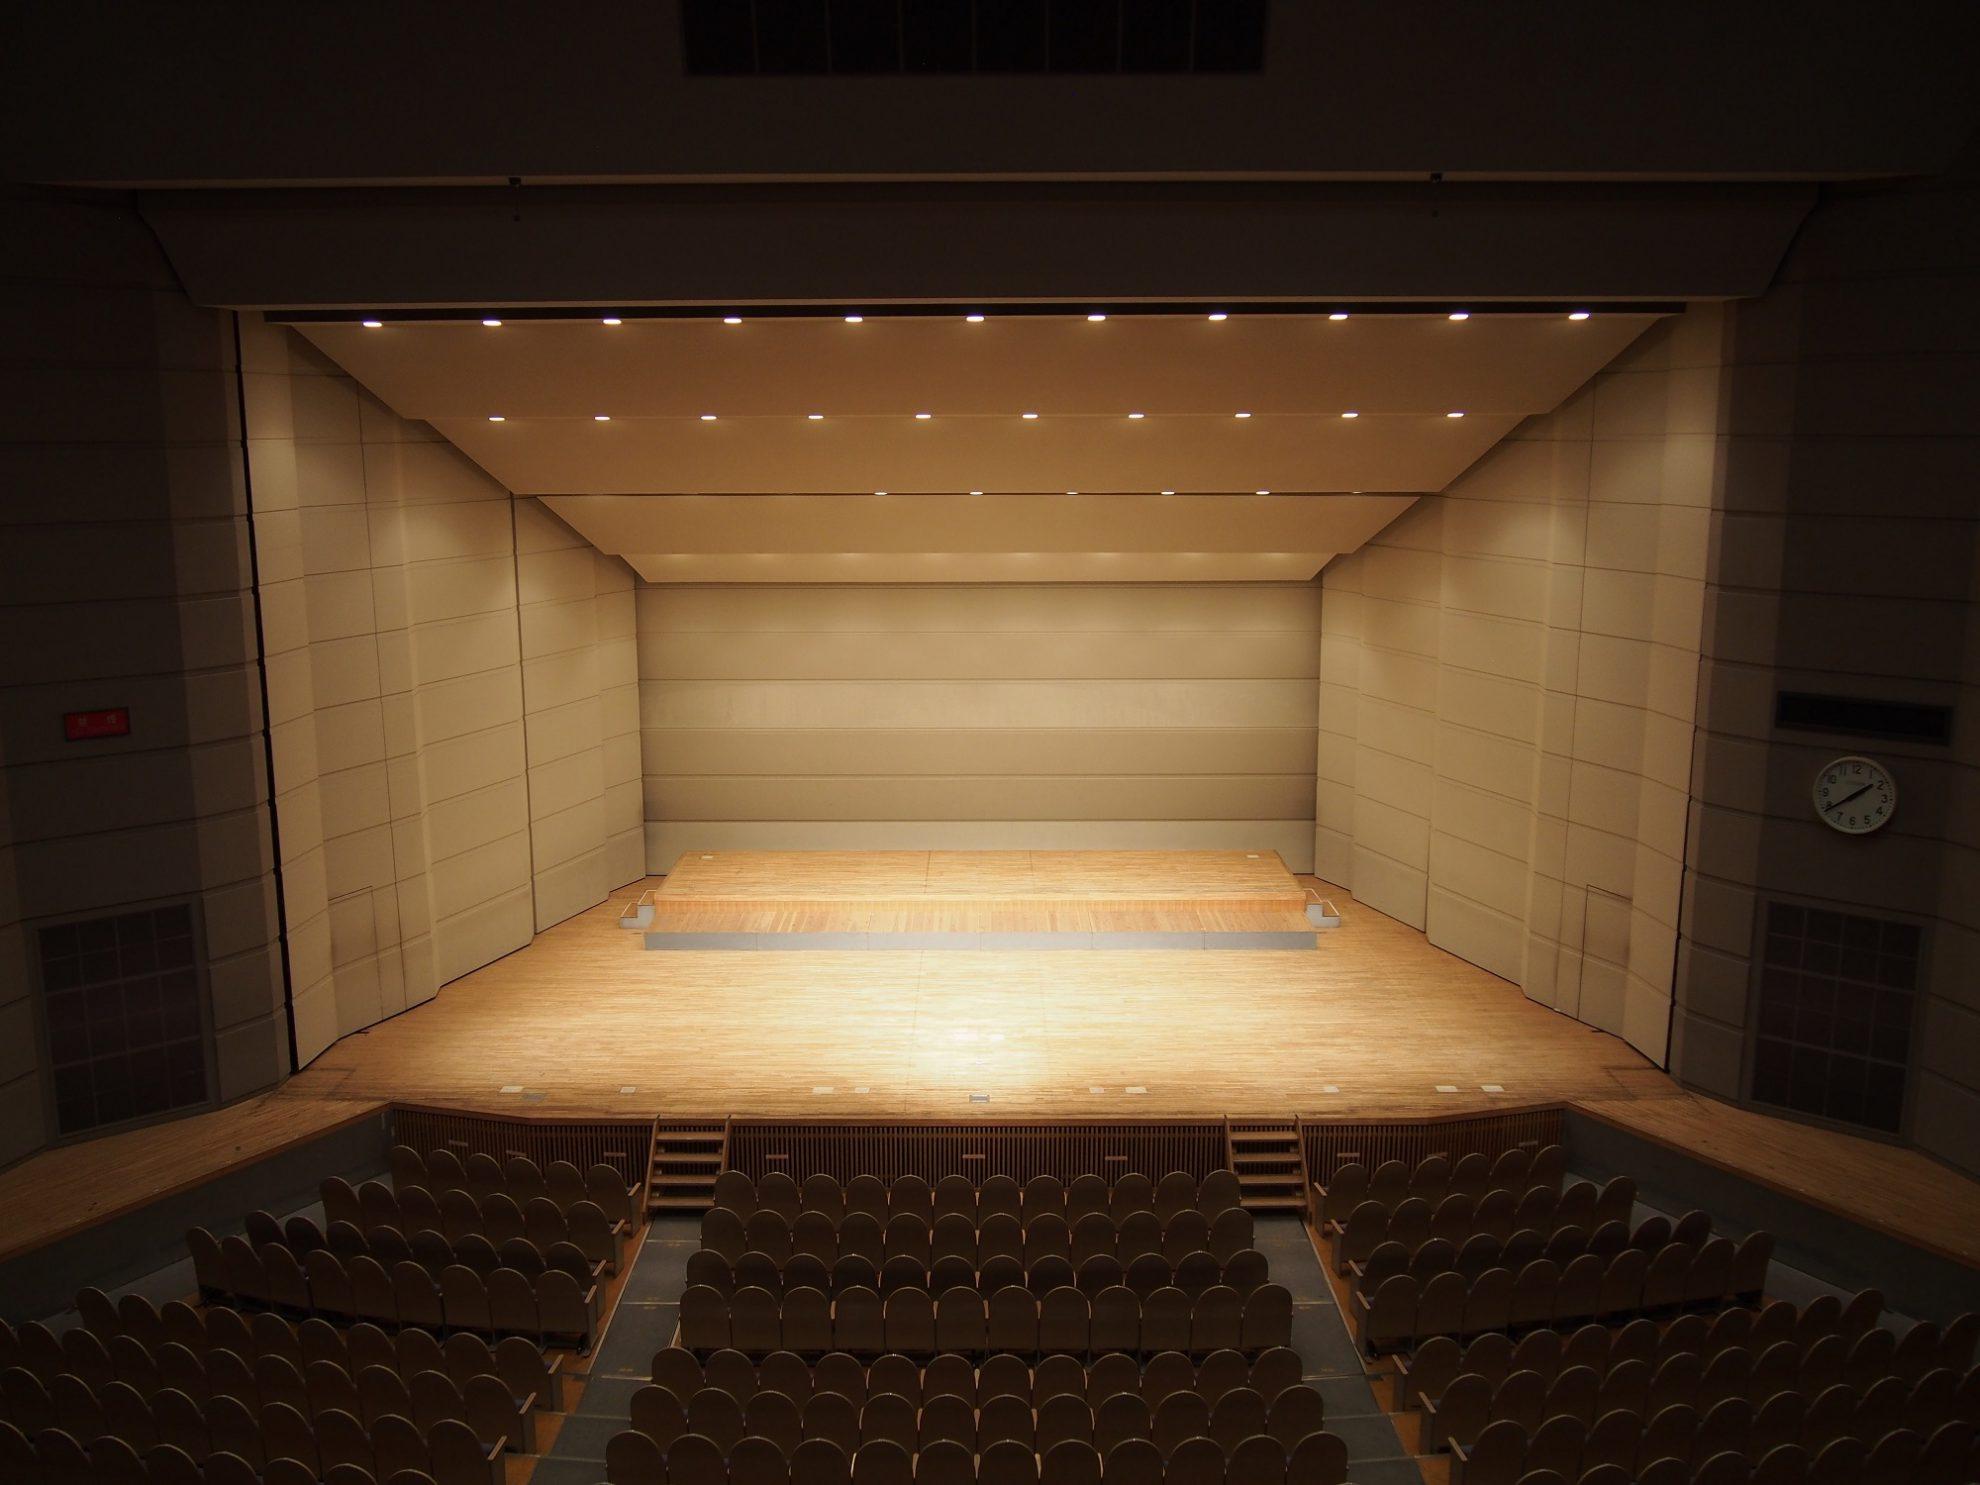 大ホール※反響板あり